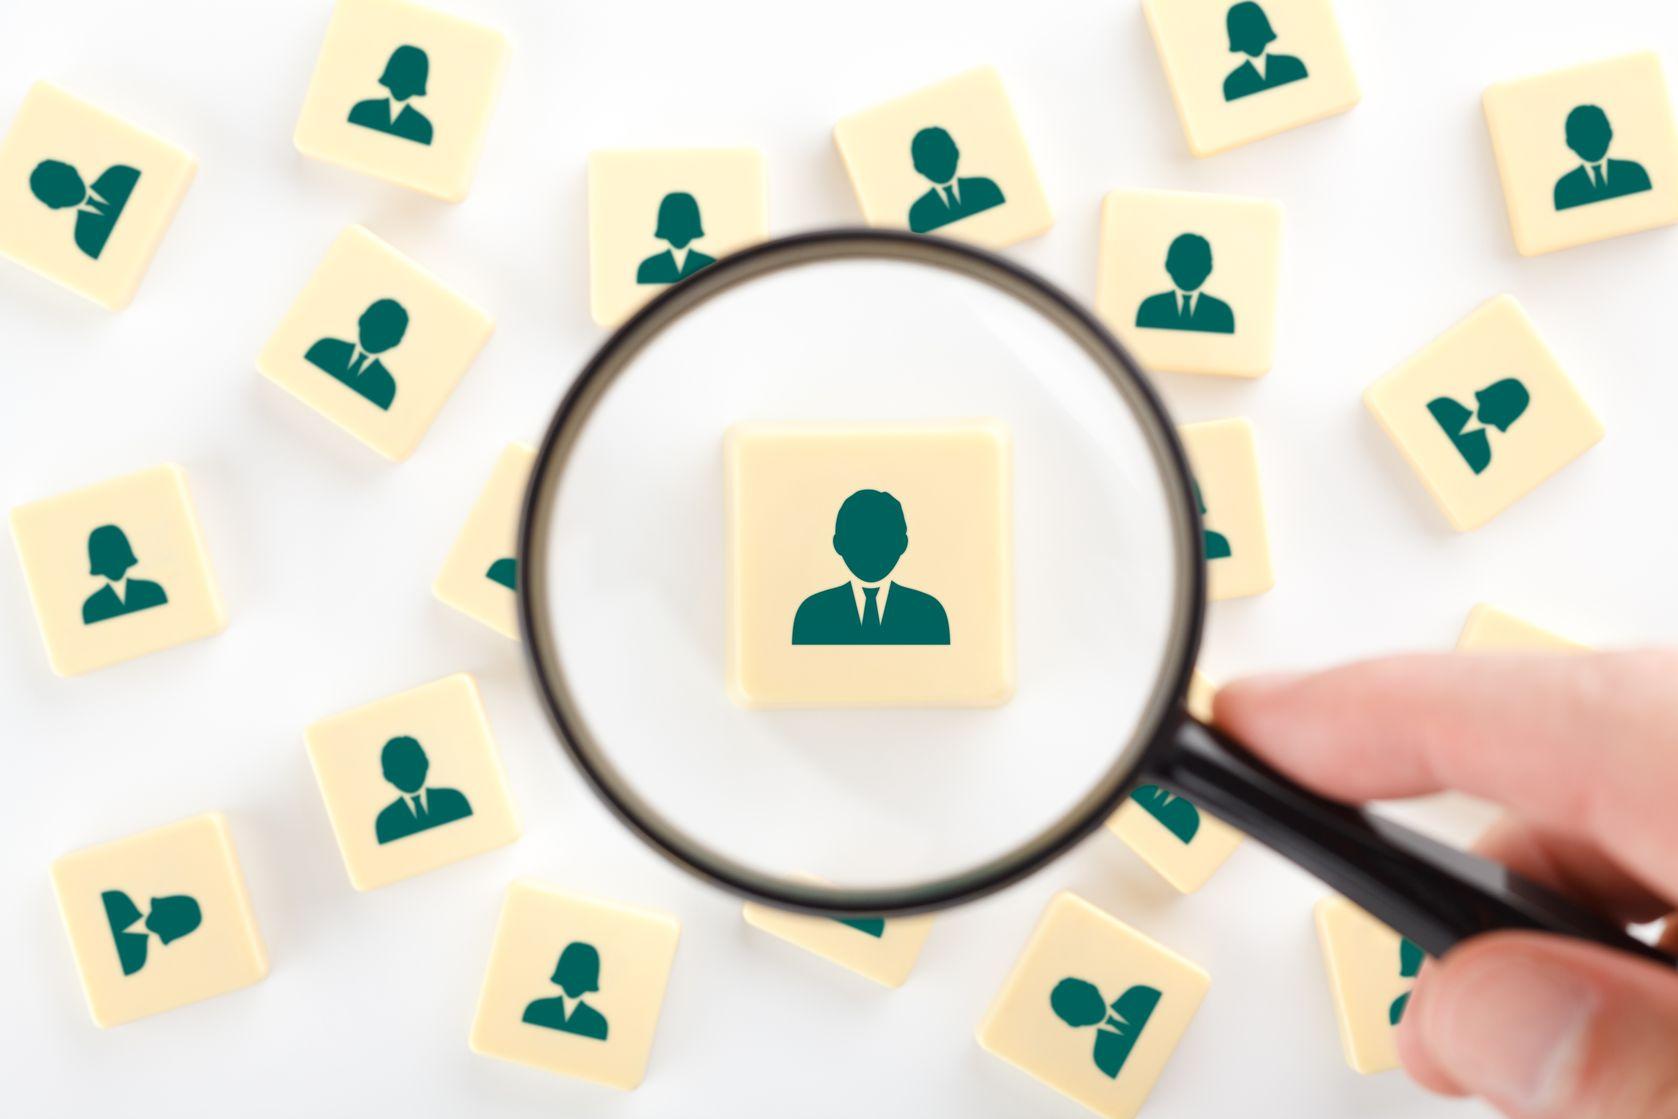 Los mejores CRM para su negocio y clientes